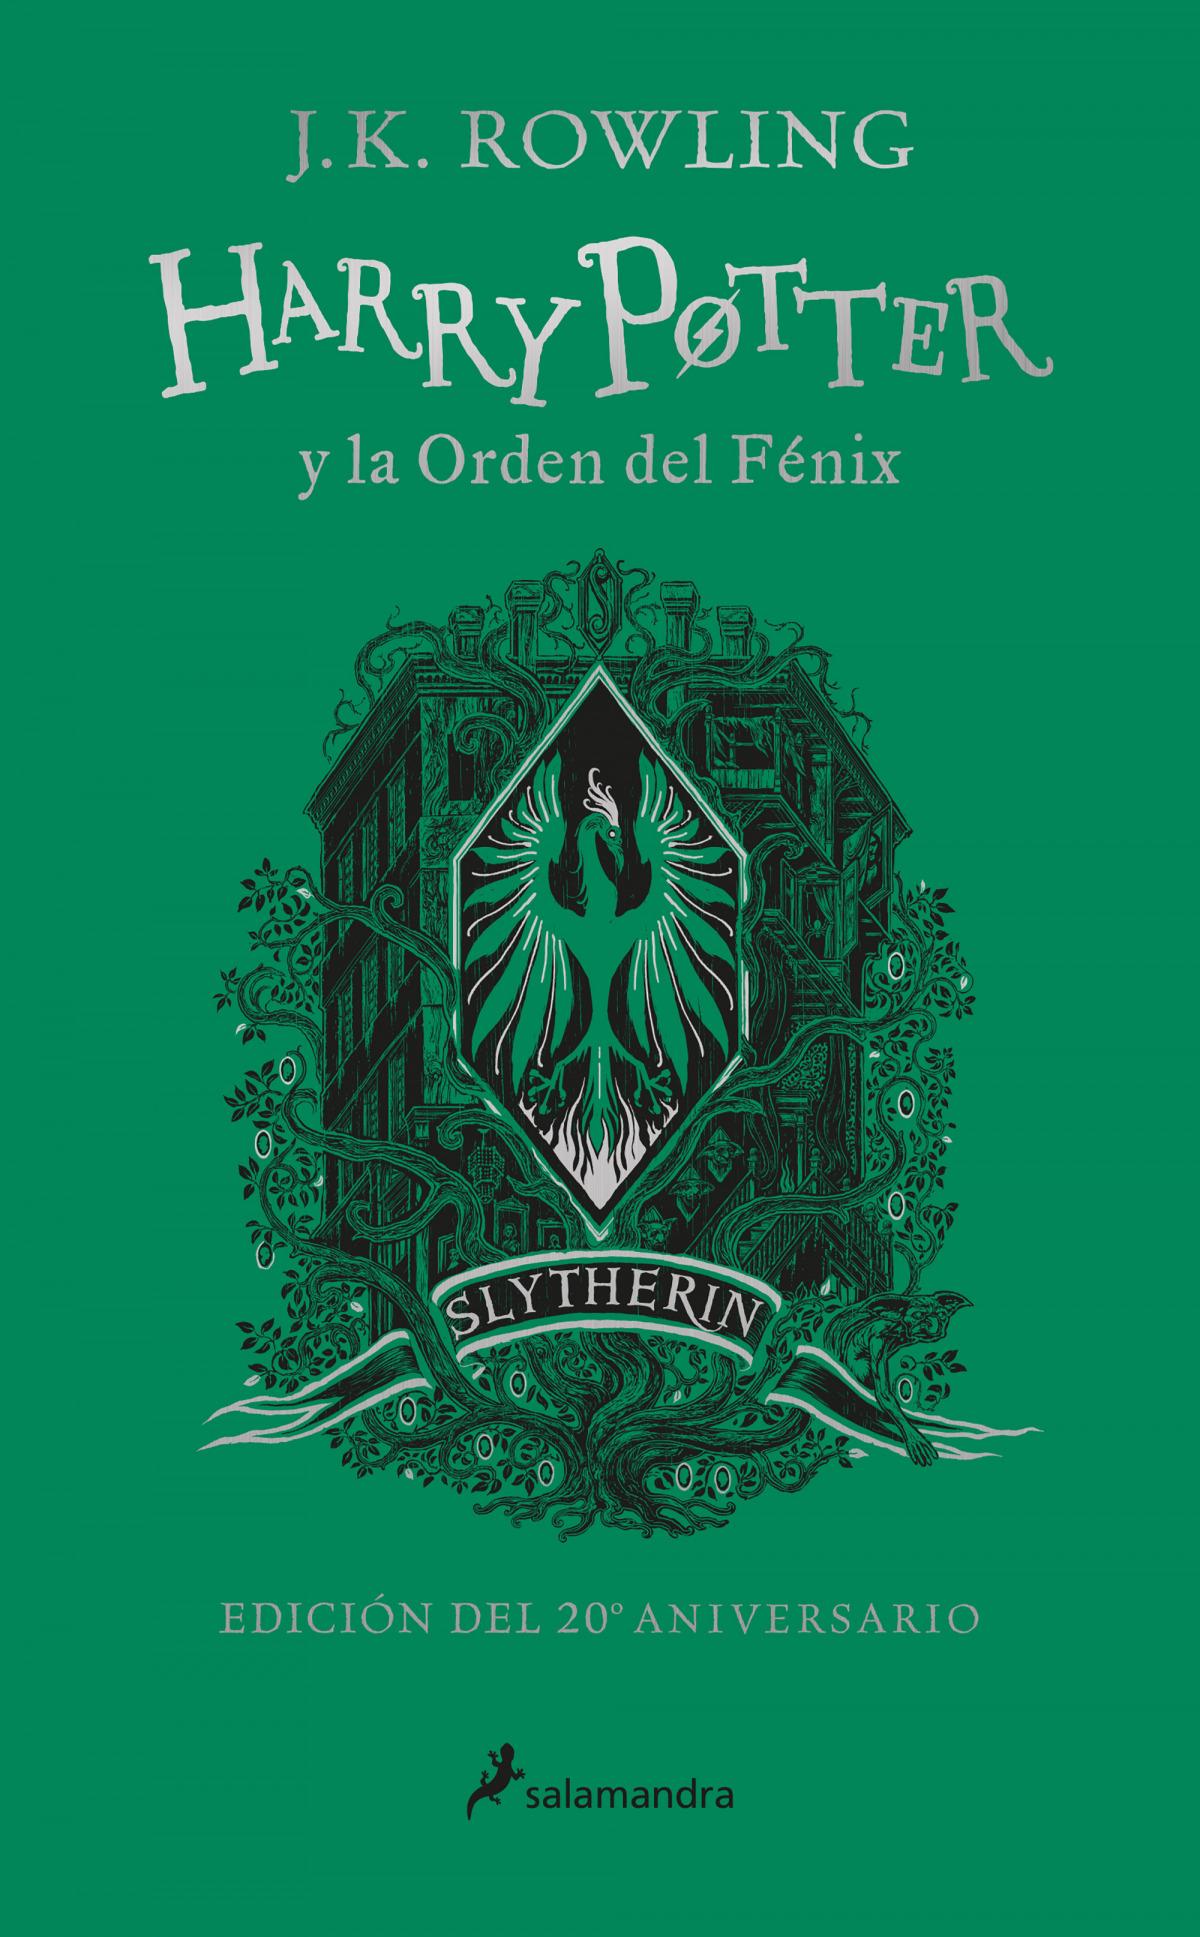 Harry Potter y la Orden del Fénix (edición Slytherin del 20º aniversario) (Harry Potter)